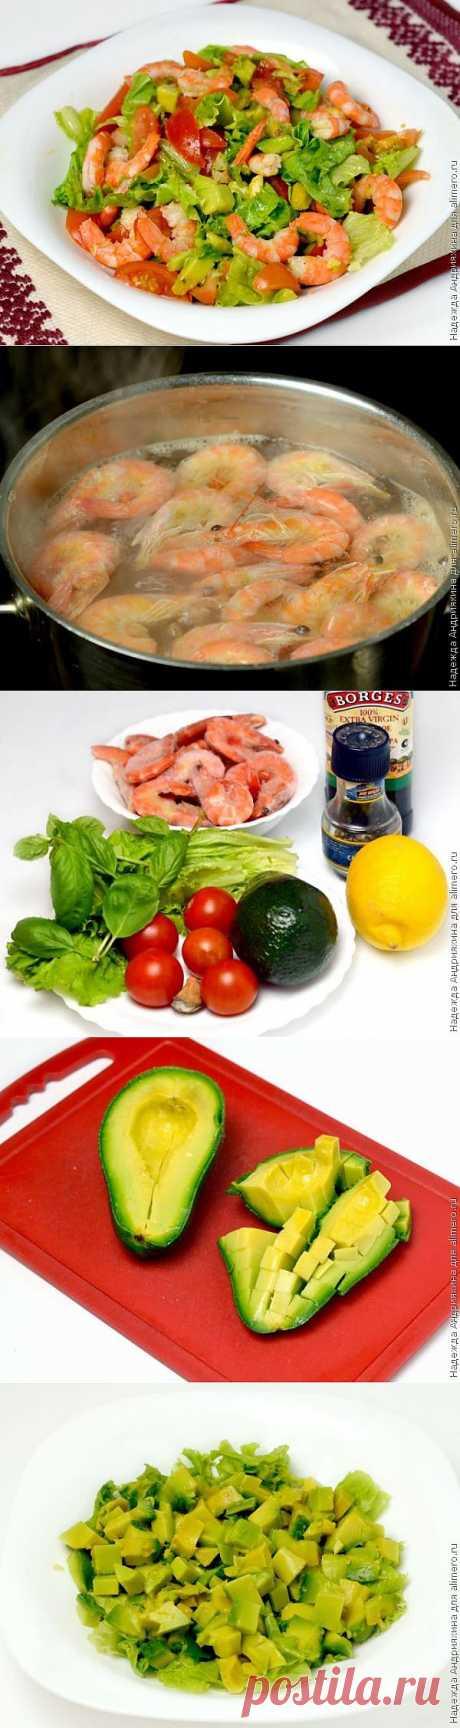 Салат с авокадо и креветками / Рецепты с фото